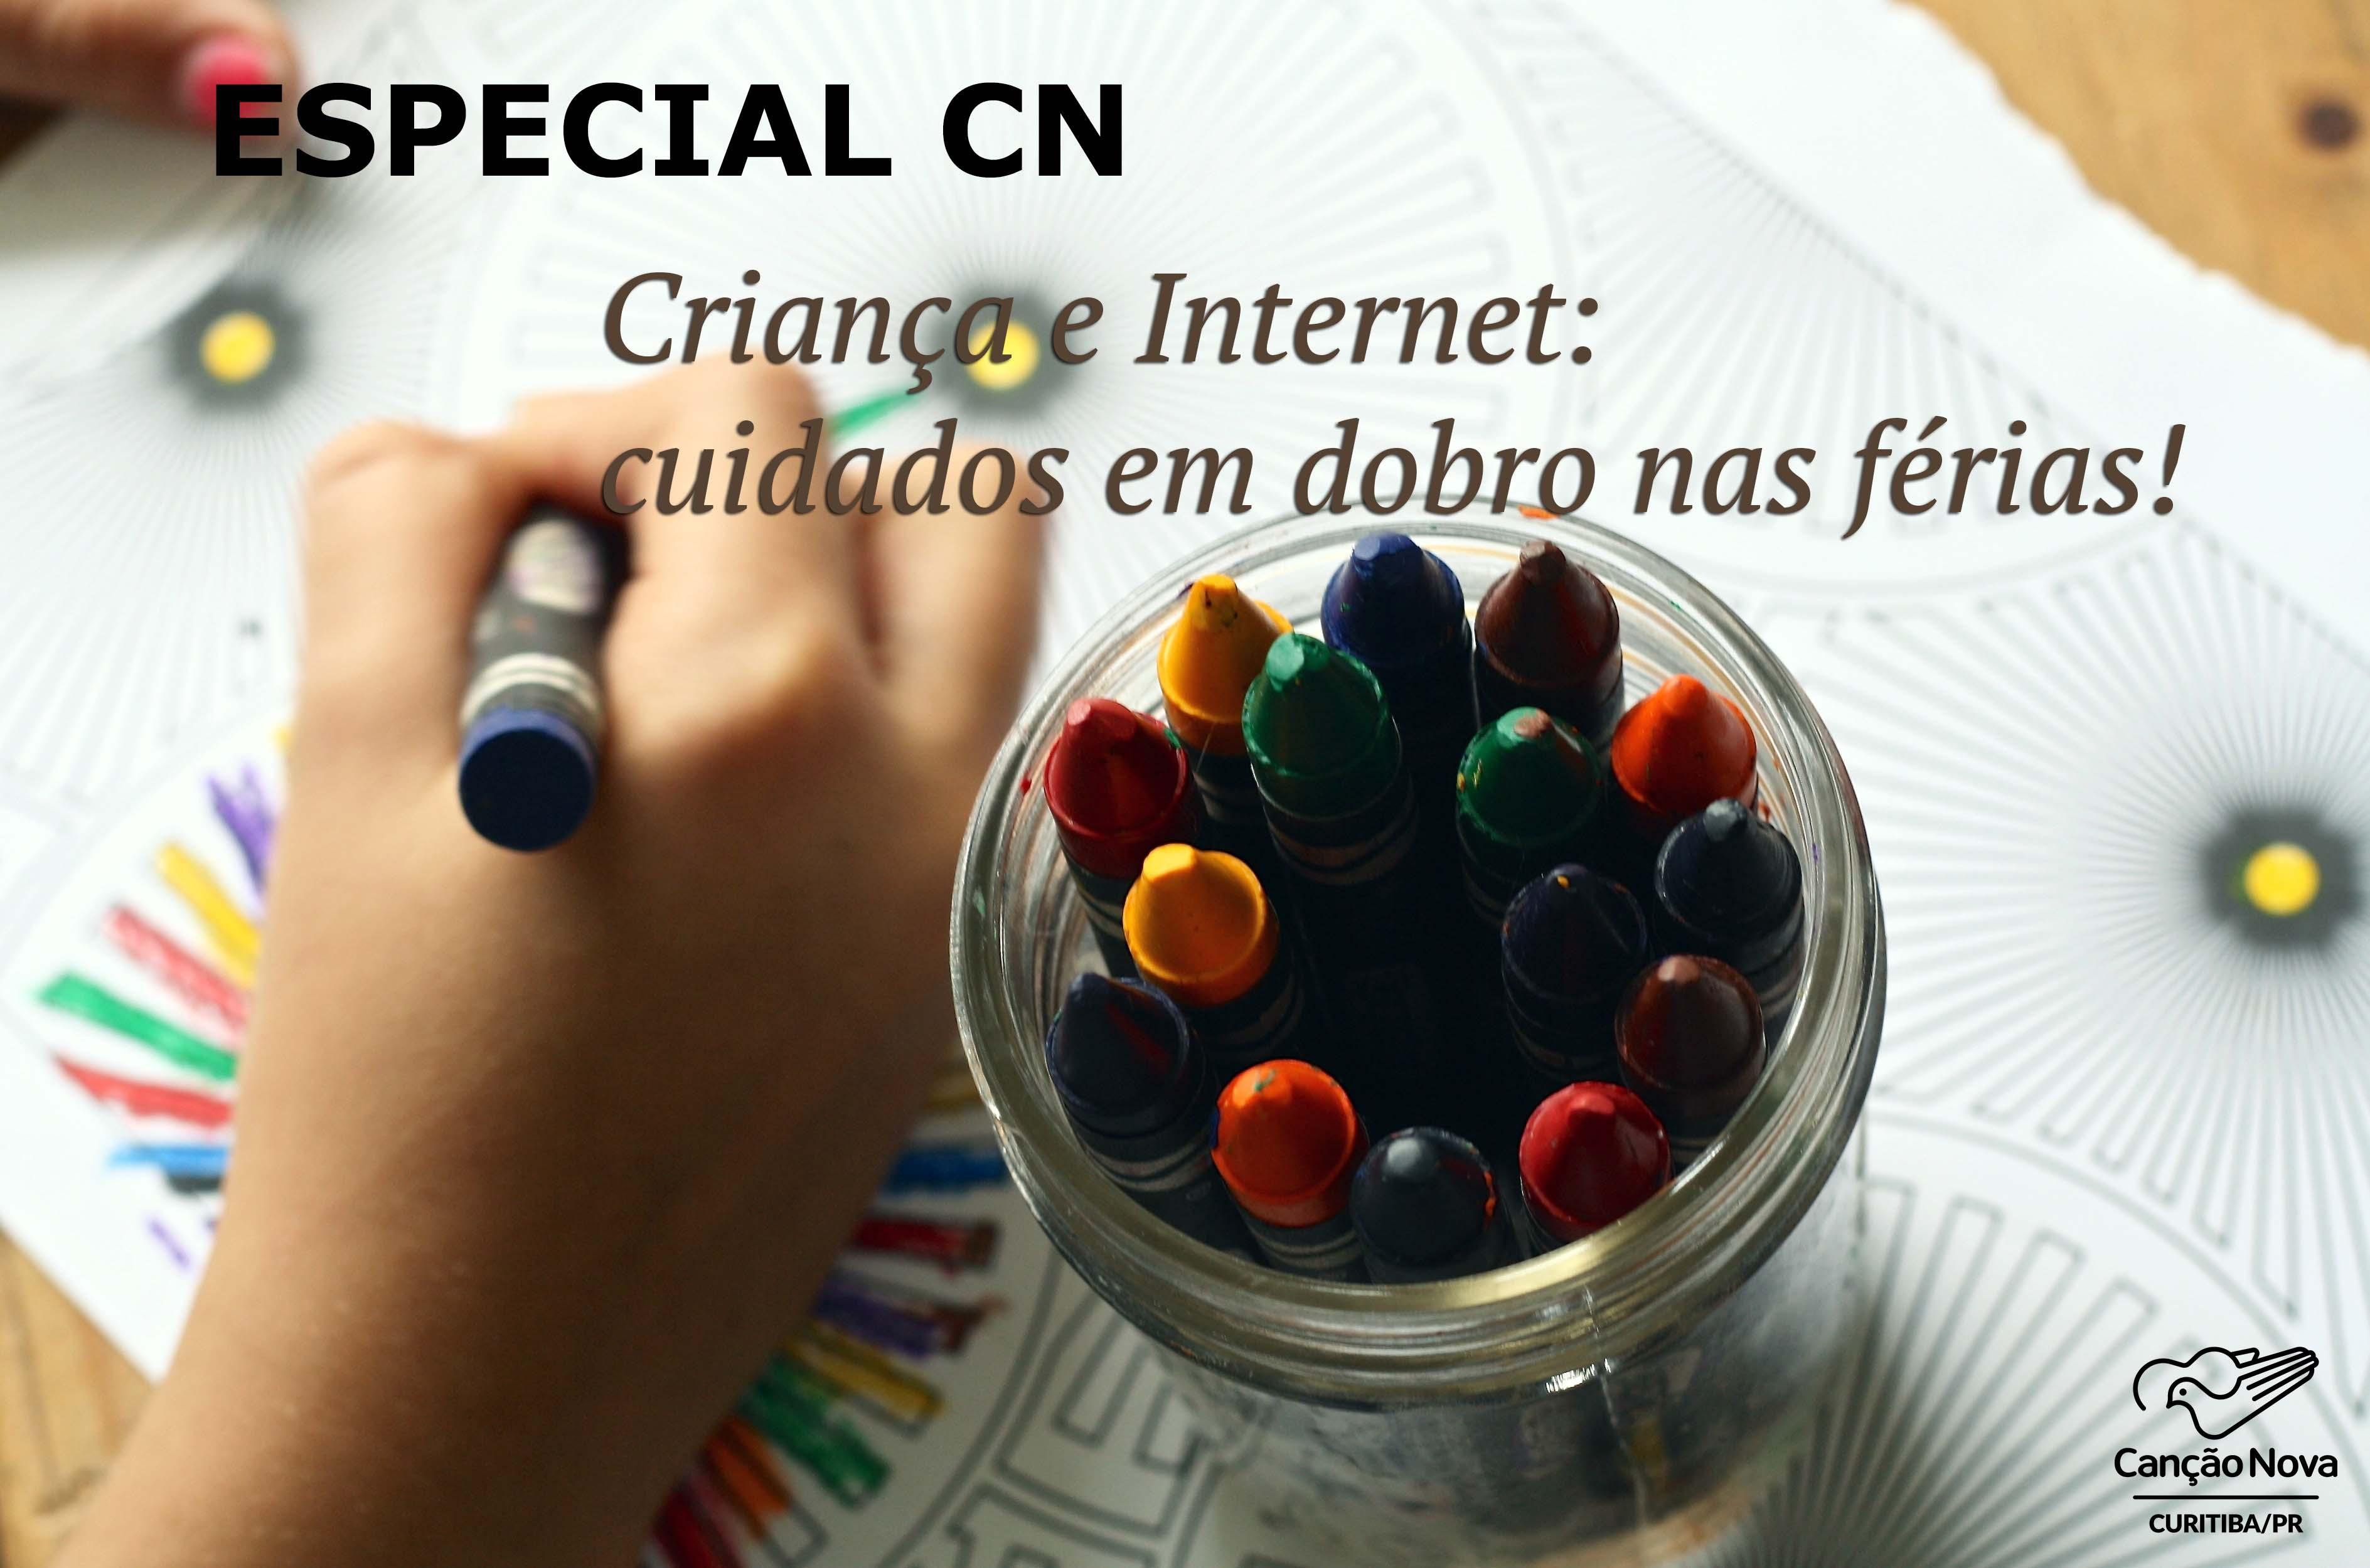 Especial CN Crianças